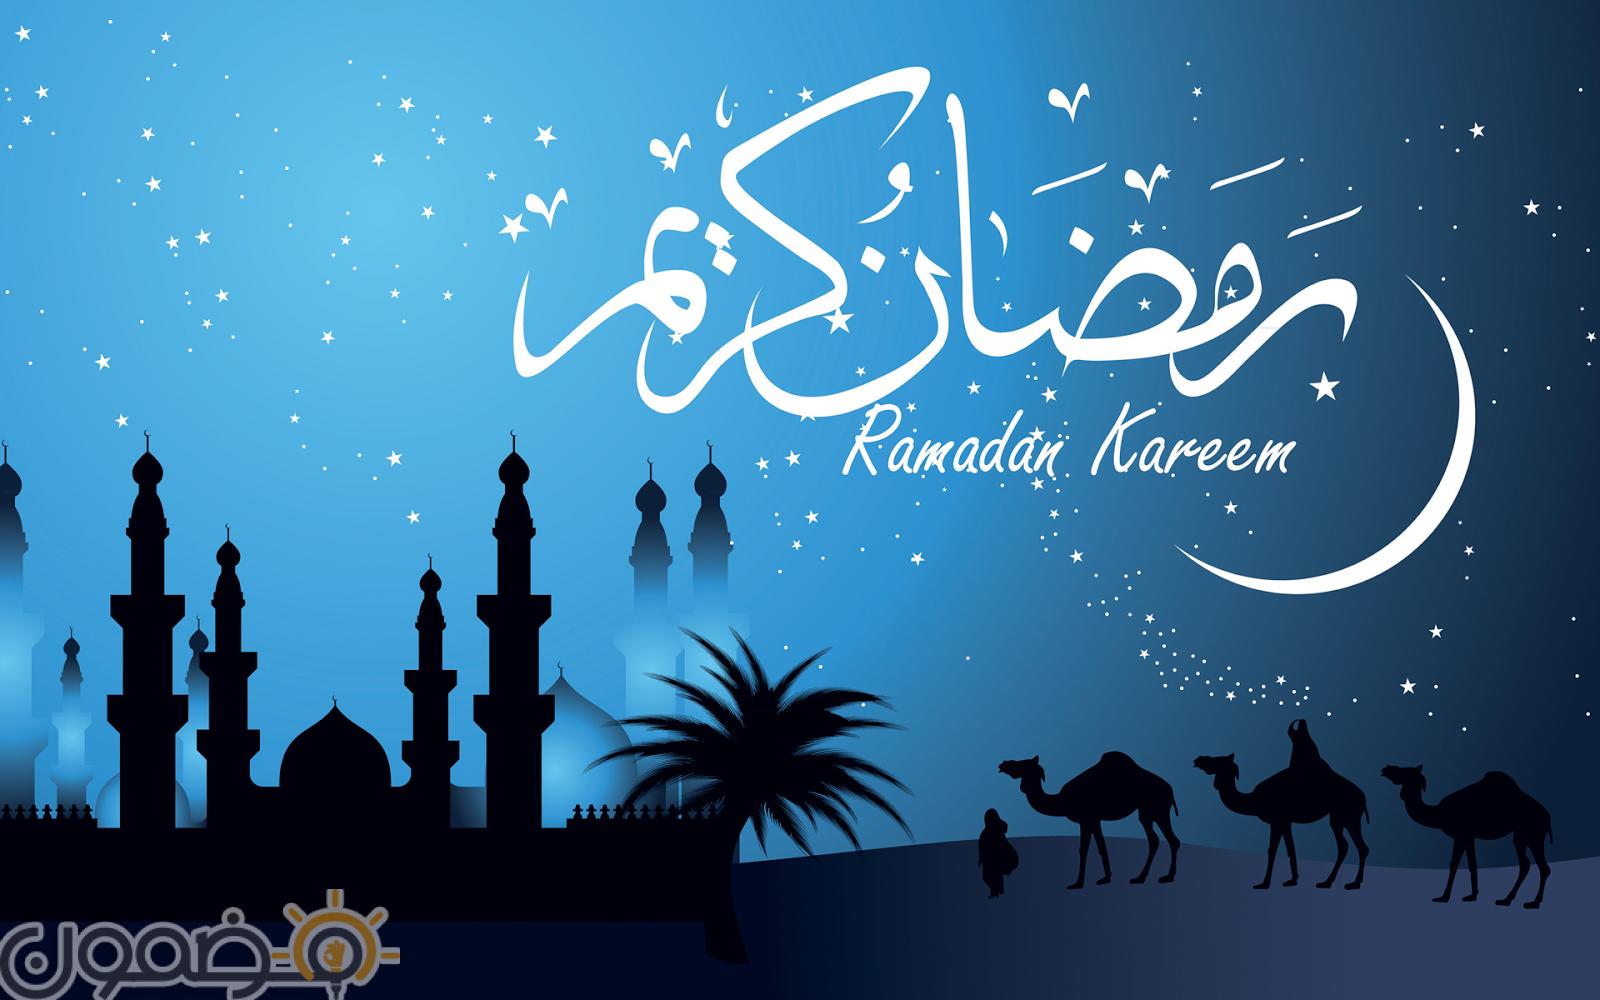 خلفيات رمضان كريم تويتر 1 خلفيات رمضان كريم تويتر تويتات رمضانية